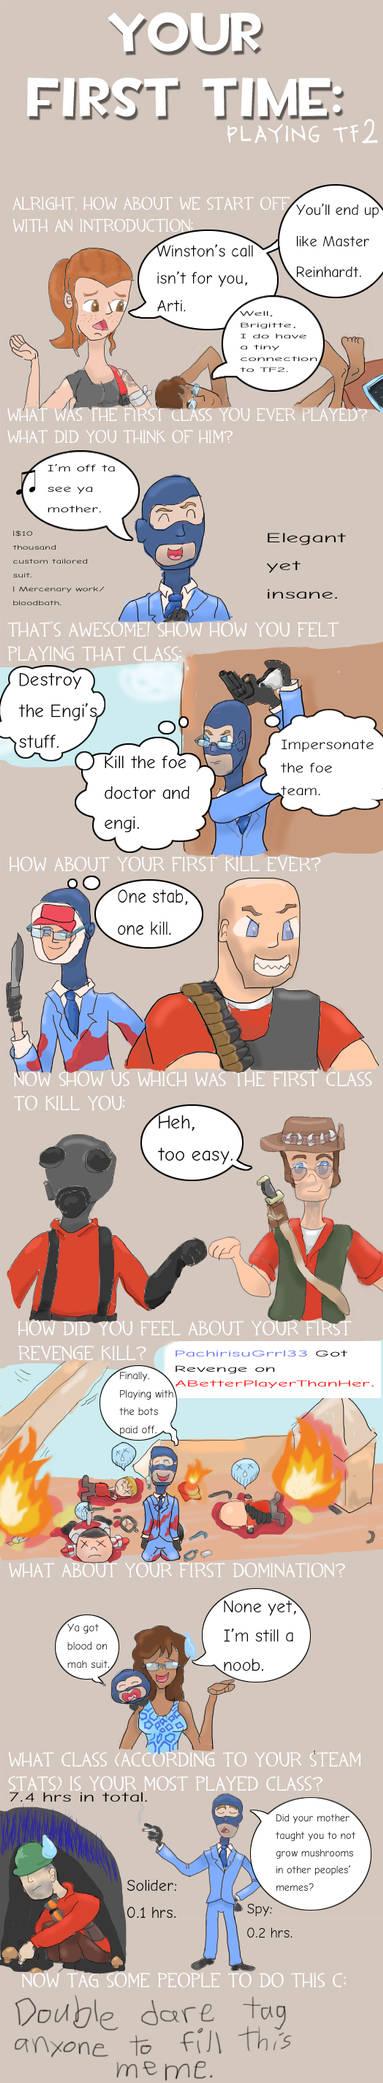 Xarti's First-ish Time in Tf2 Meme